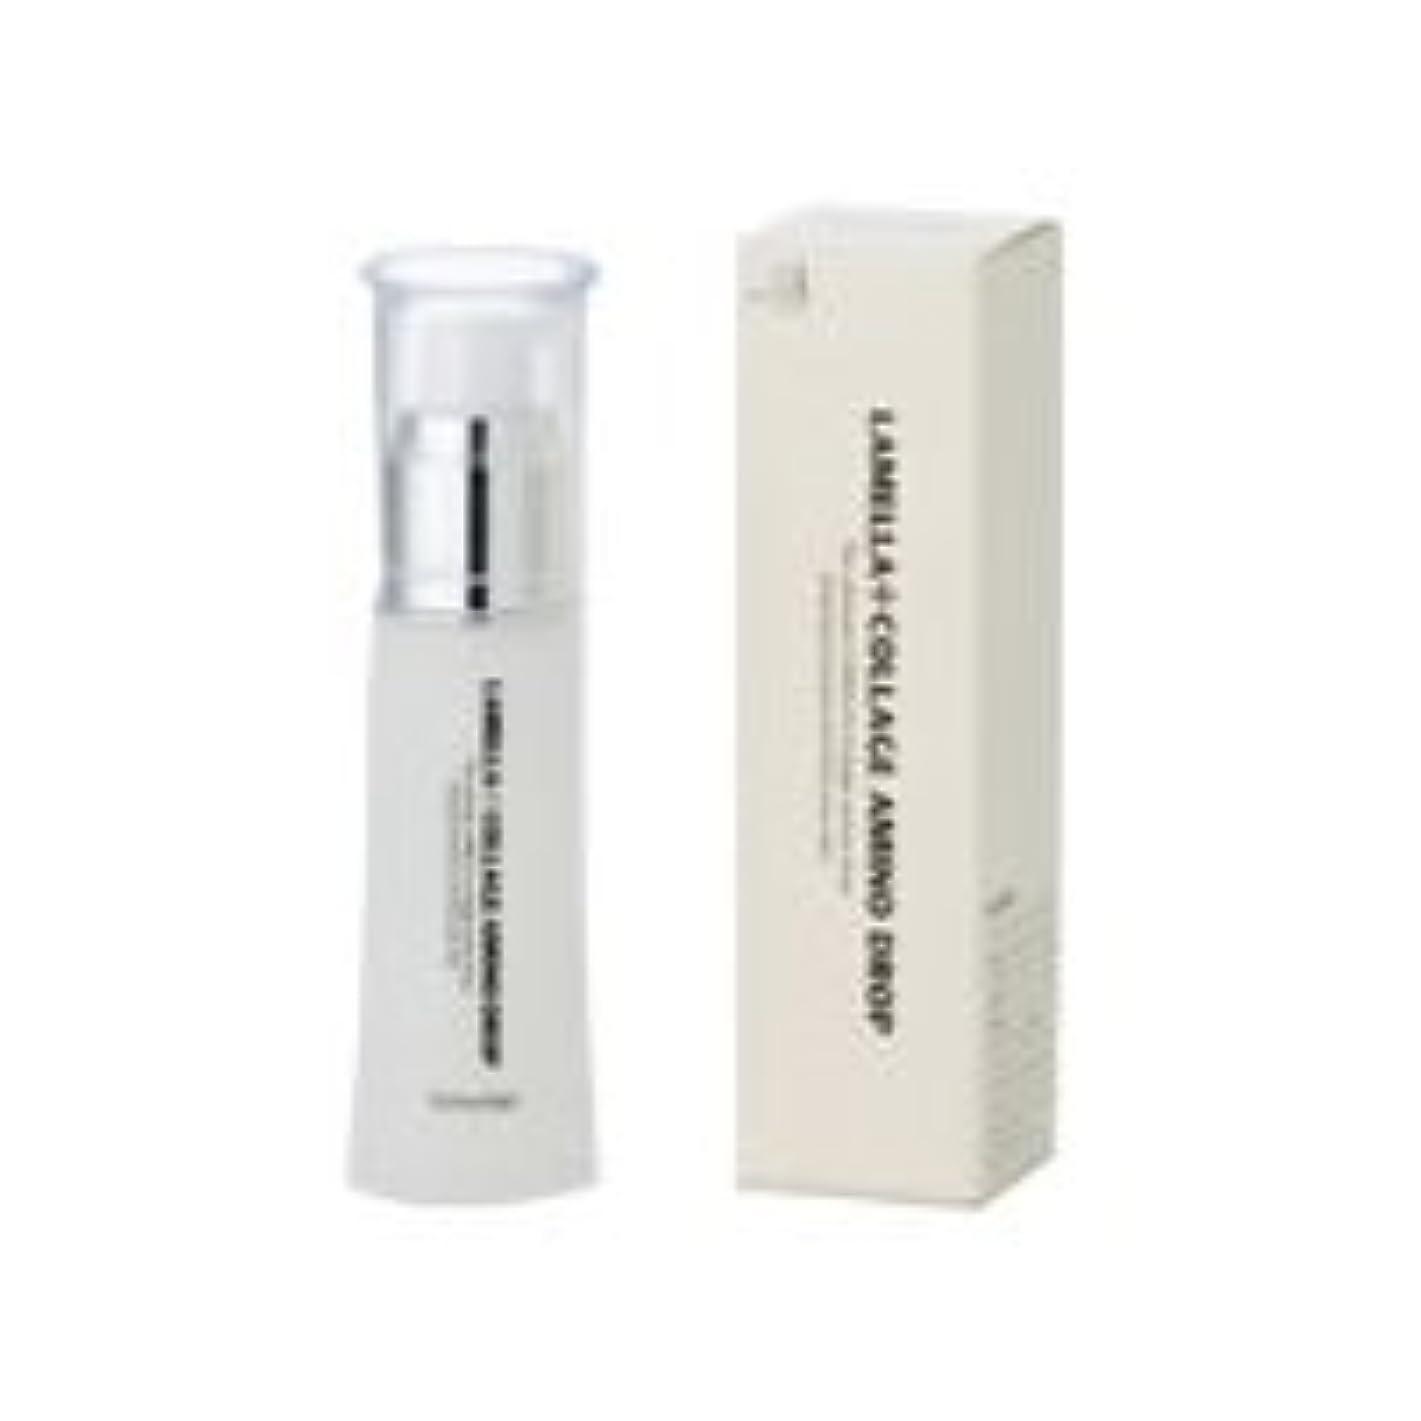 気晴らし奇妙な受け入れテクノエイト ラメラコラージュ アミノドロップ 40ml (導入美容液)